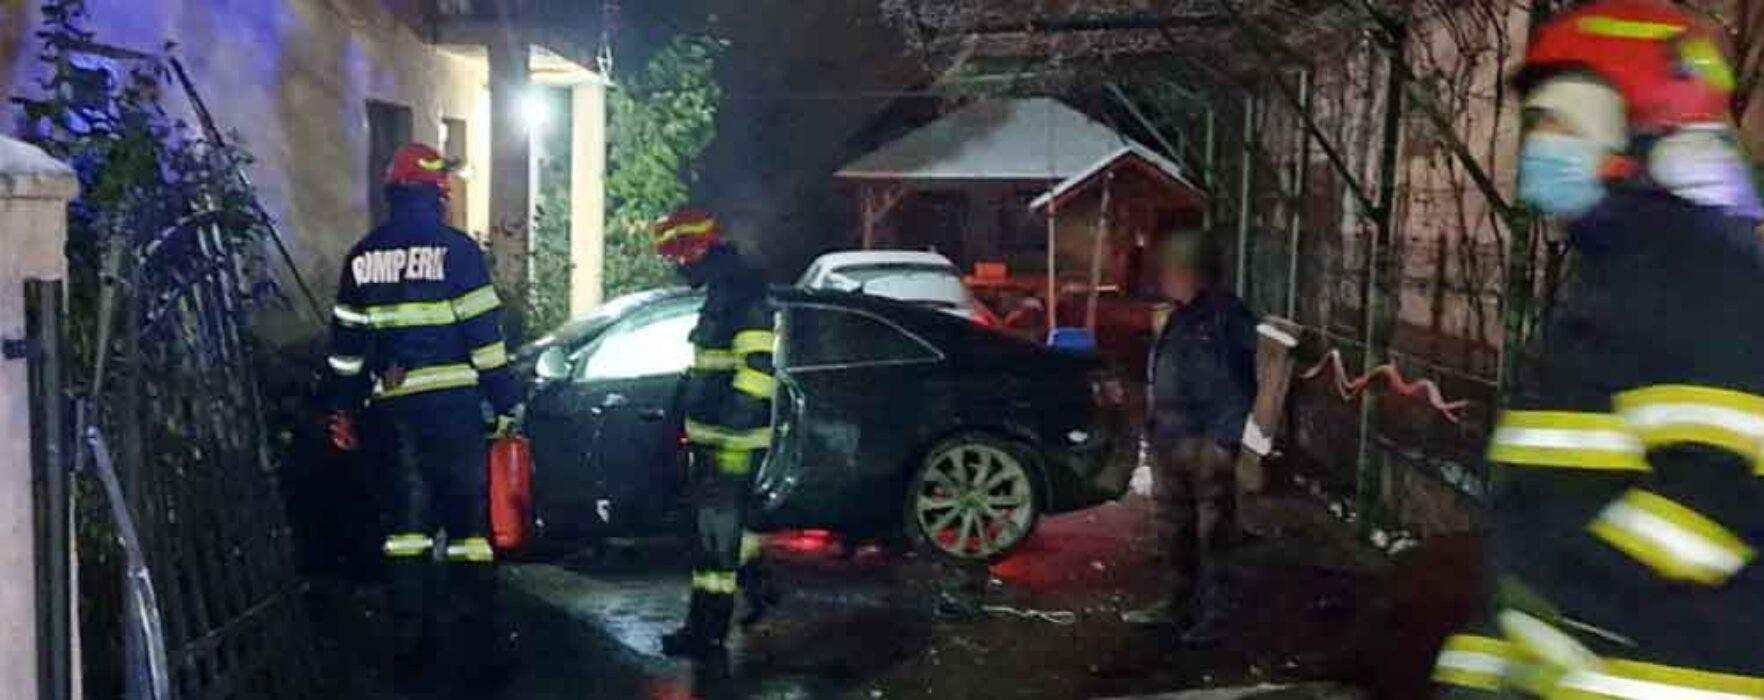 Dâmboviţa: Accident în Nucet, o maşină a ieşit de pe carosabil şi a intrat prin porţi în curtea unei case